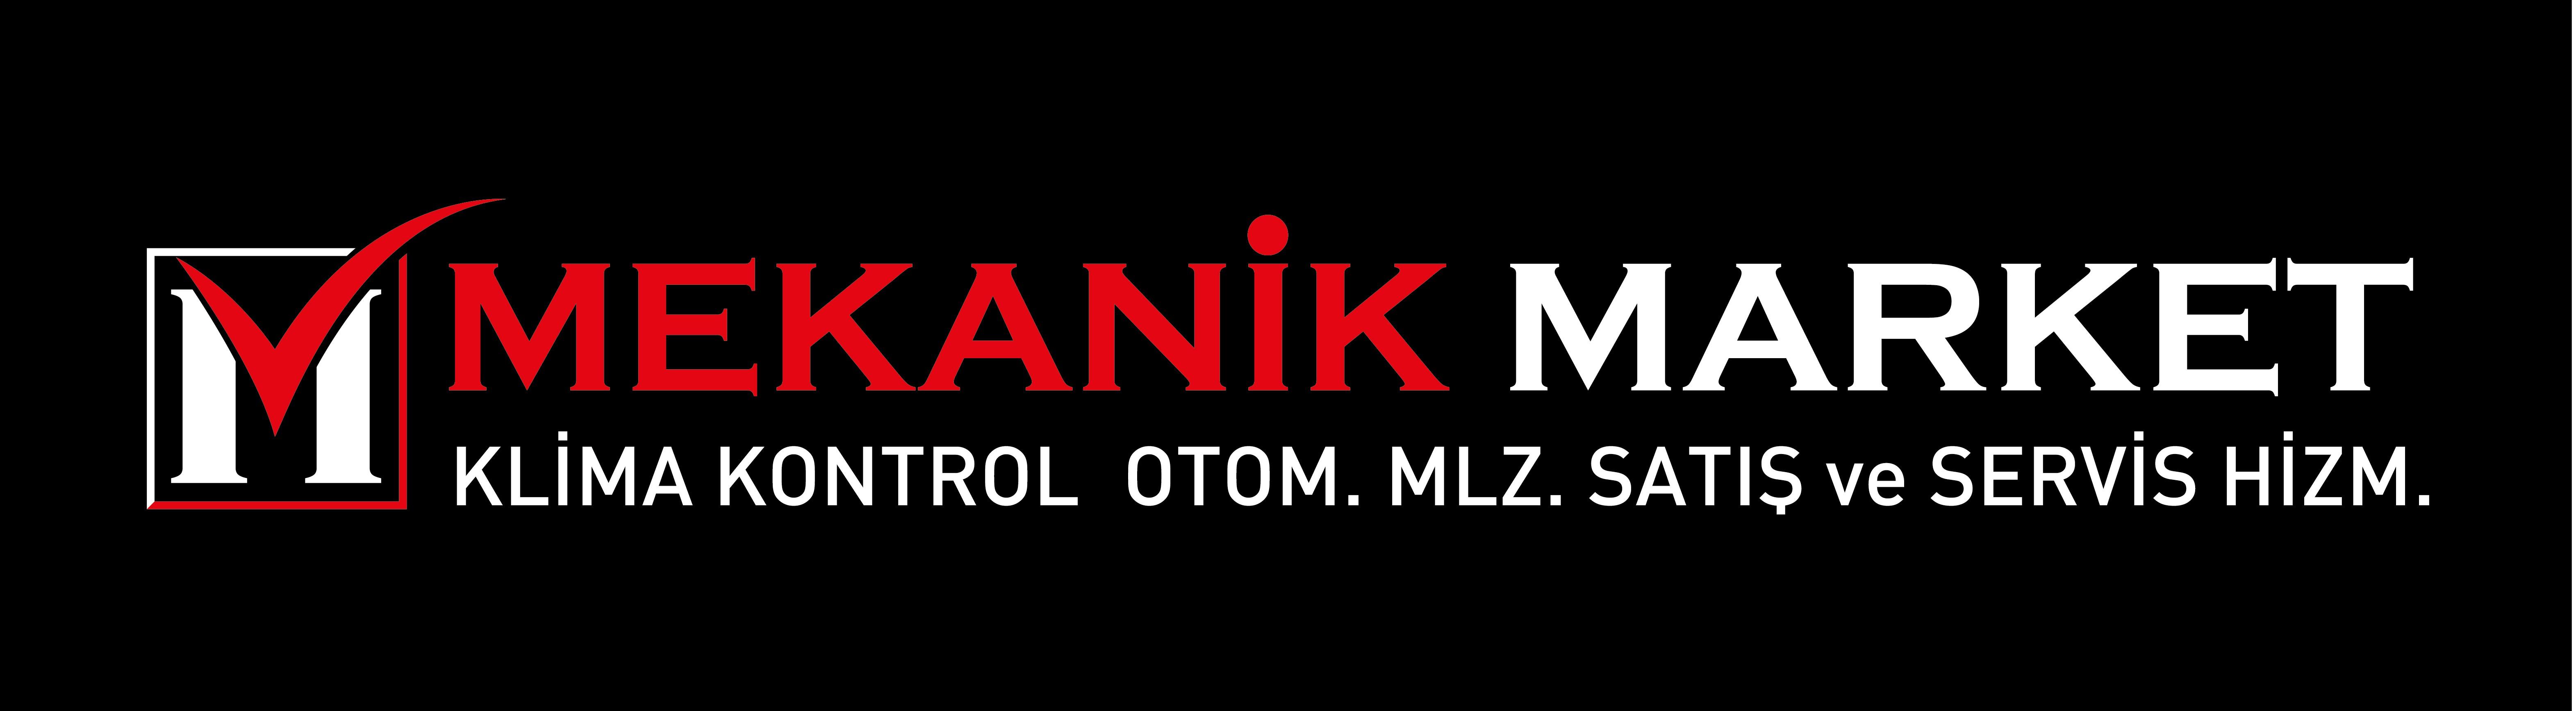 Mekanik Market